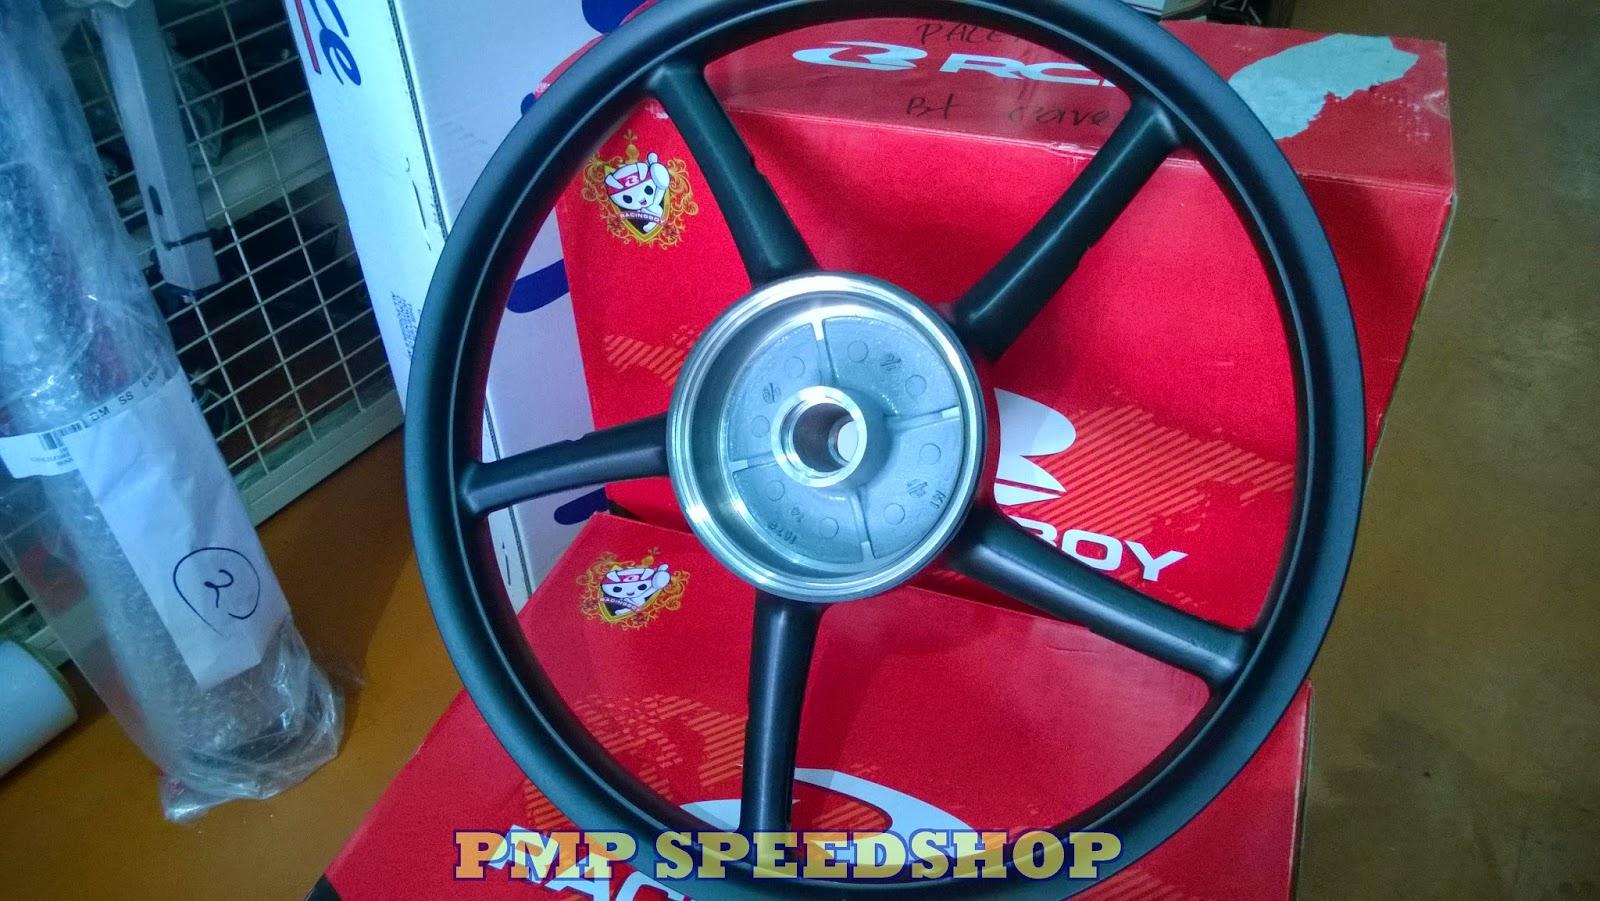 Sport rim motor untuk dijual for Motor vehicle in wayne nj hours